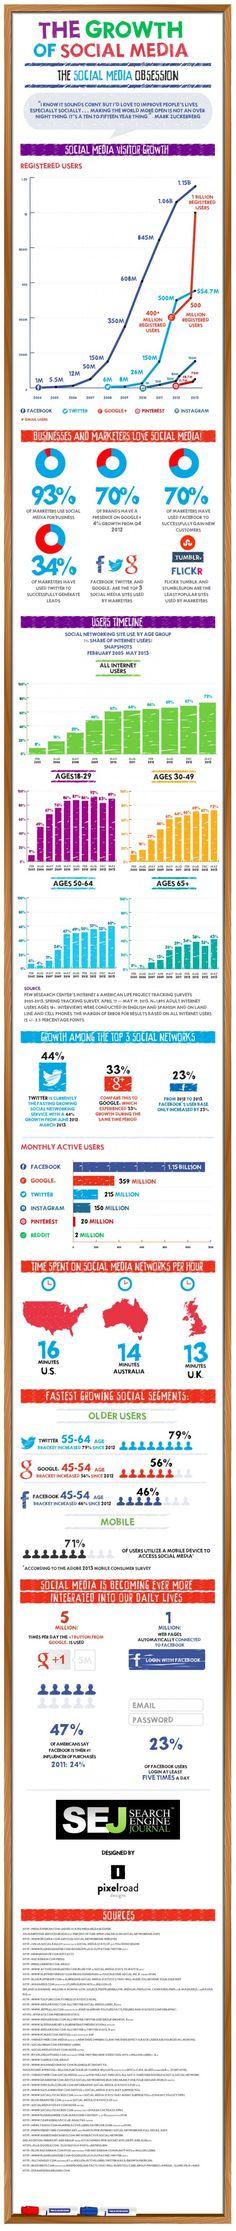 22 Statistiques sur les Médias Sociaux que vous Devriez Connaître en 2014 #infographie #socialmedia